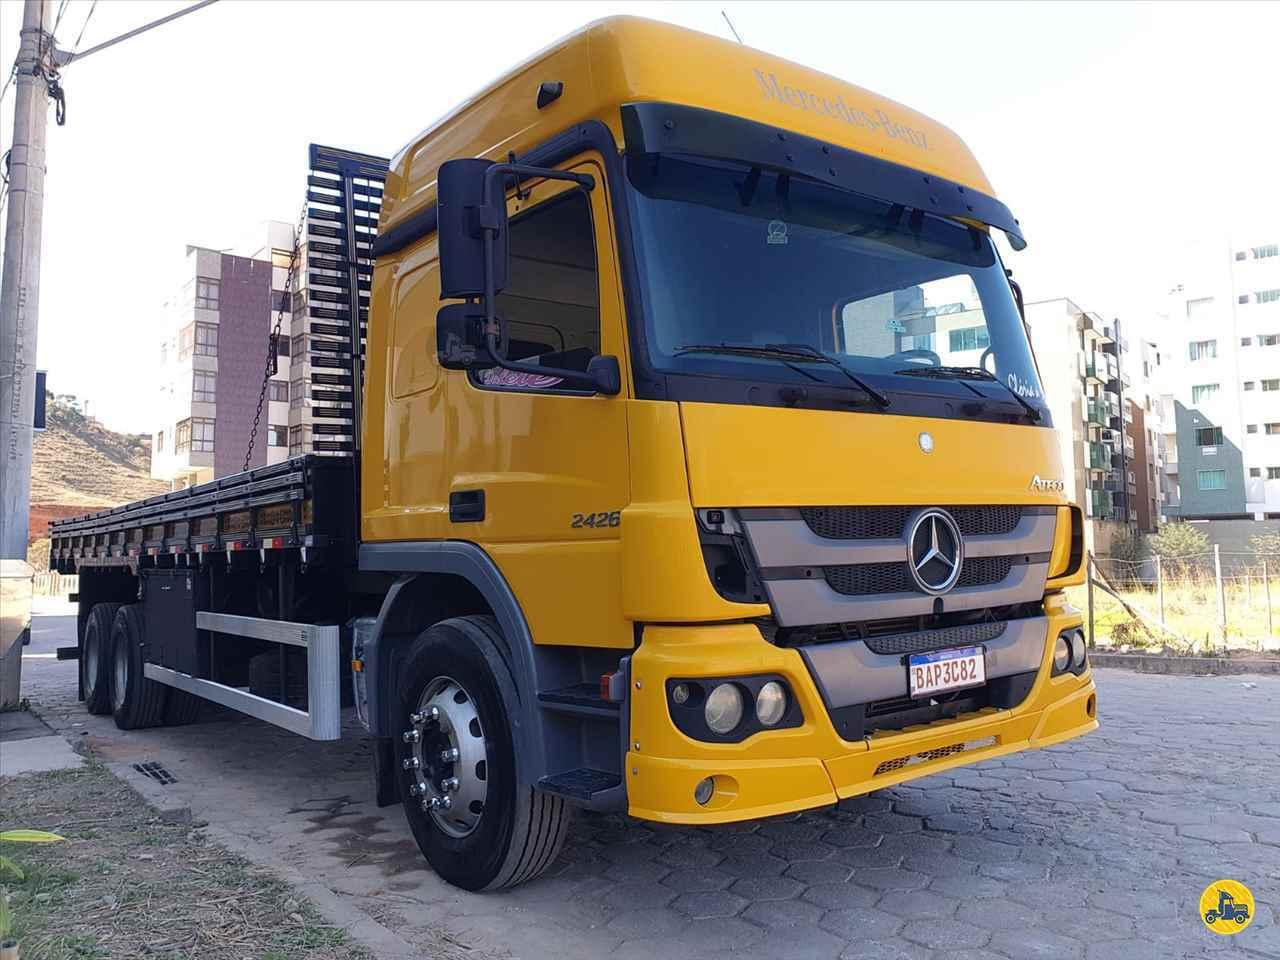 CAMINHAO MERCEDES-BENZ MB 2426 Carga Seca Truck 6x2 Cotral Caminhões SERRA DO SALITRE MINAS GERAIS MG